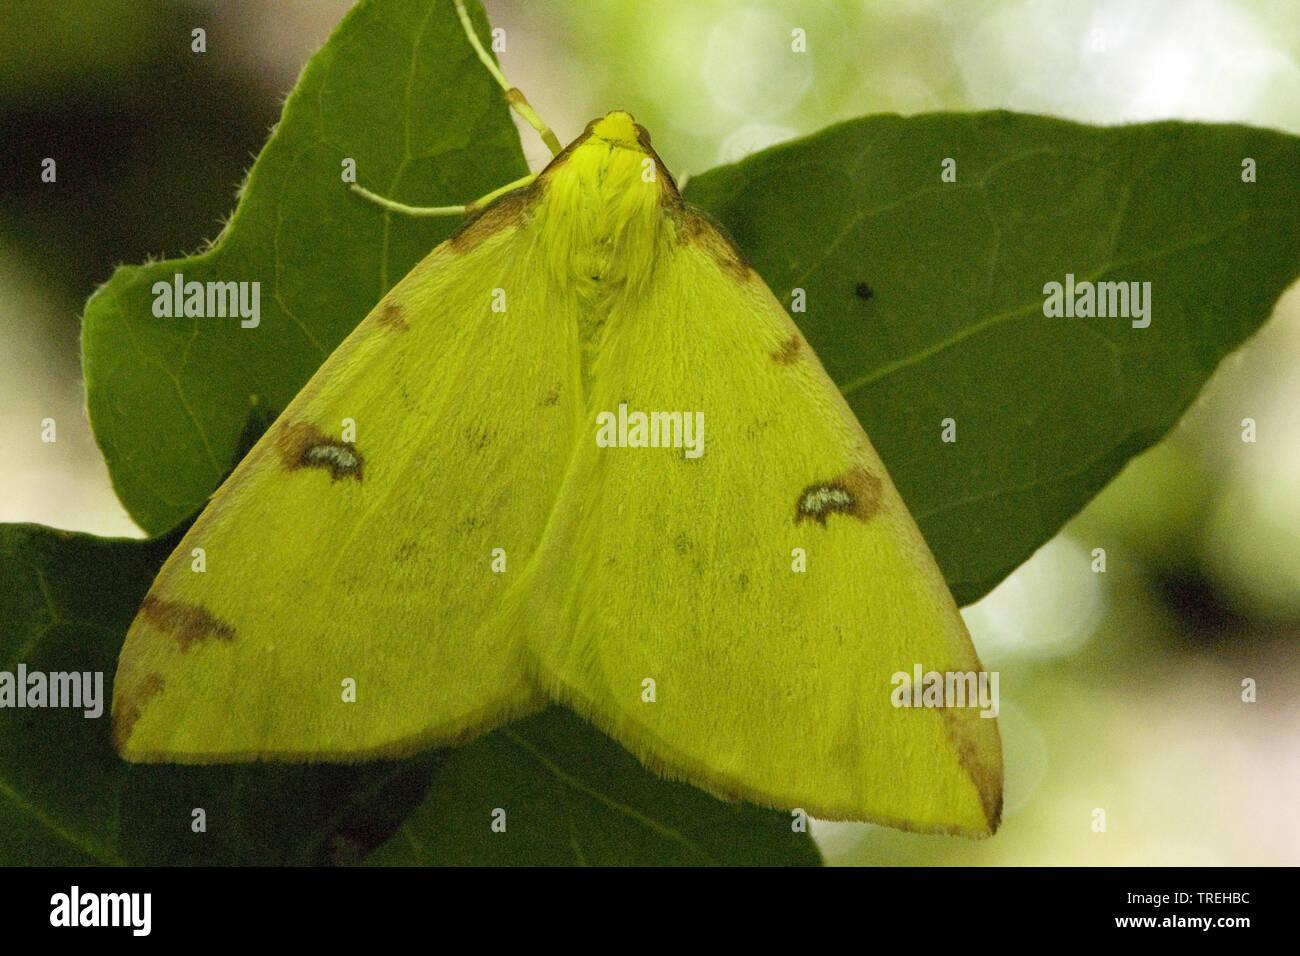 Gelbspanner, Gelb-Spanner, Weissdornspanner, Weissdorn-Spanner, Zitronenspanner, Zitronen-Spanner (Opisthograptis luteolata), sitzt auf einem Blatt, L - Stock Image